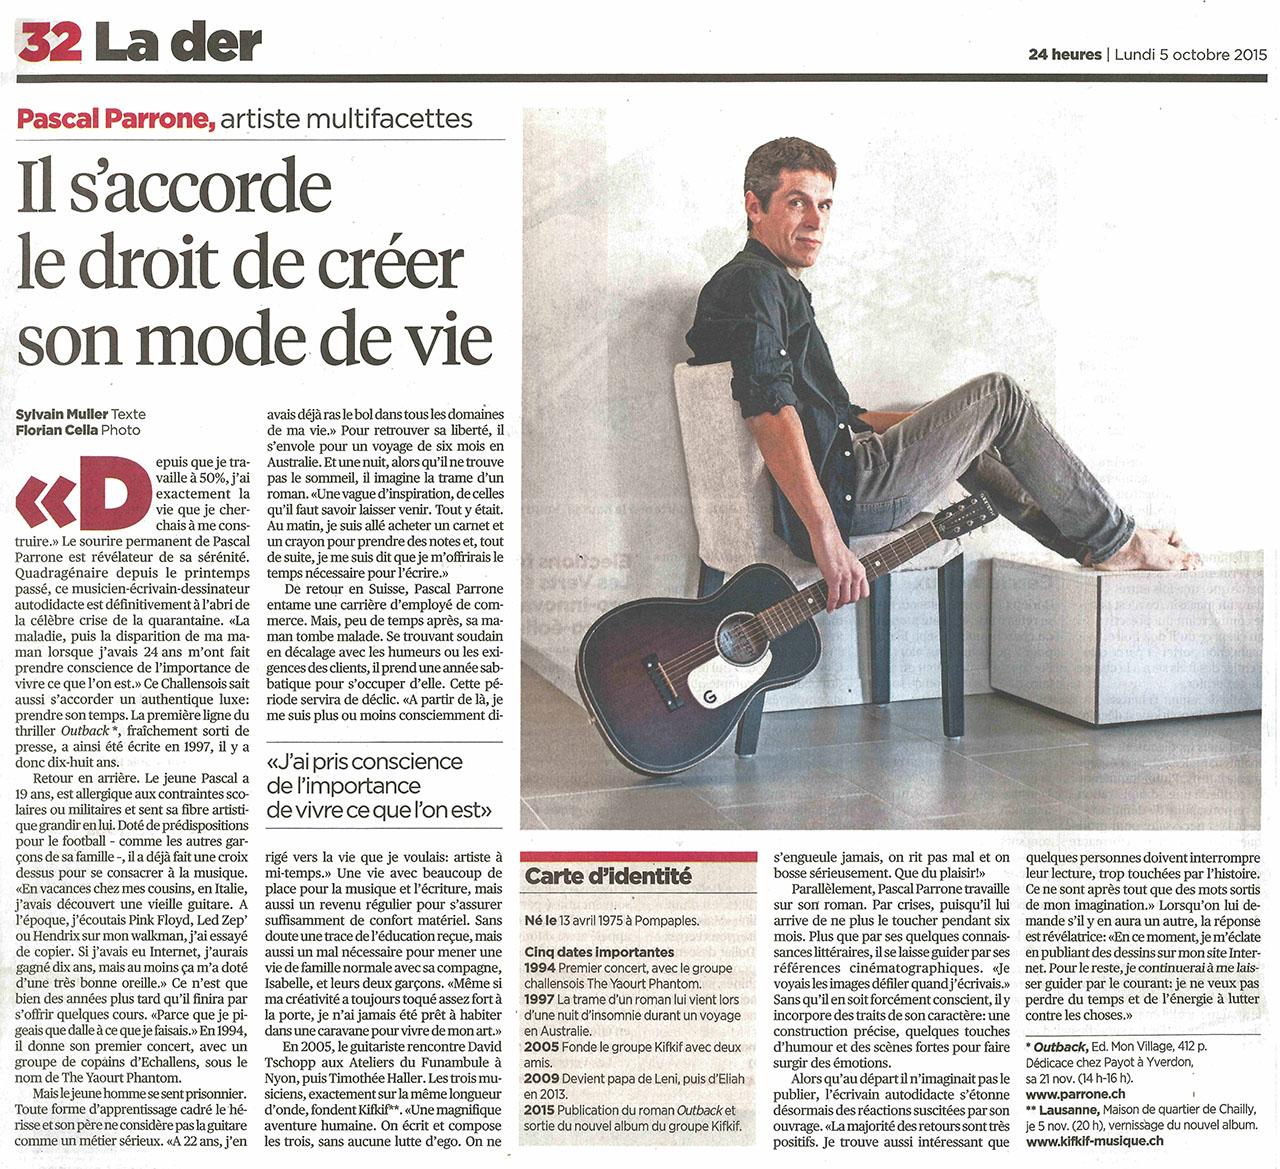 24 heures - Portrait la Der - 05.10.2015